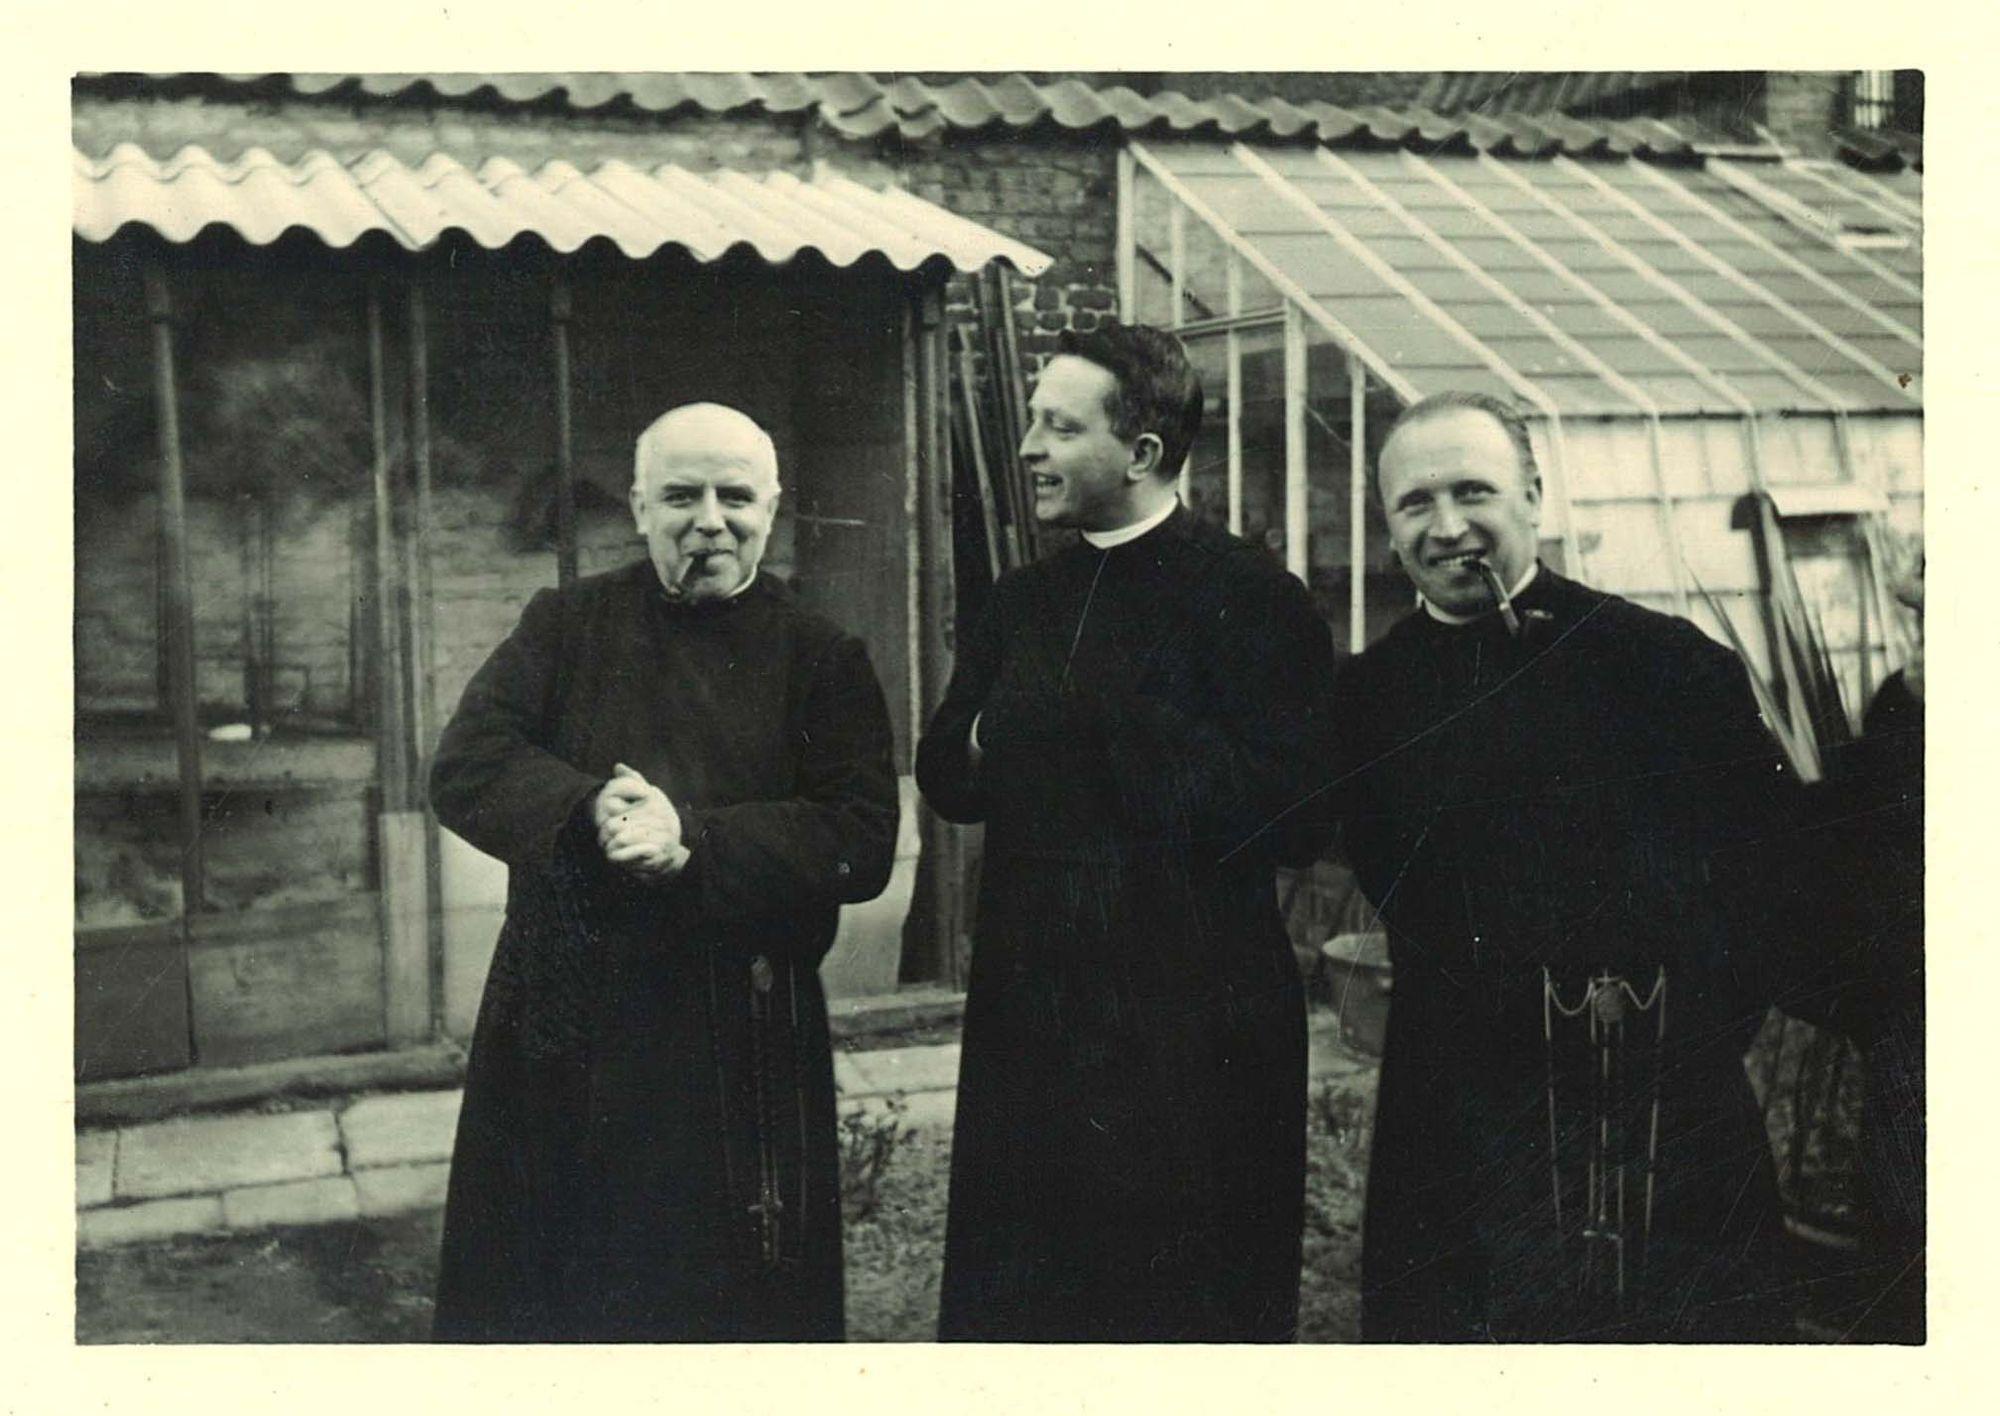 Broeders in de tuin van de Broederschool Overleie